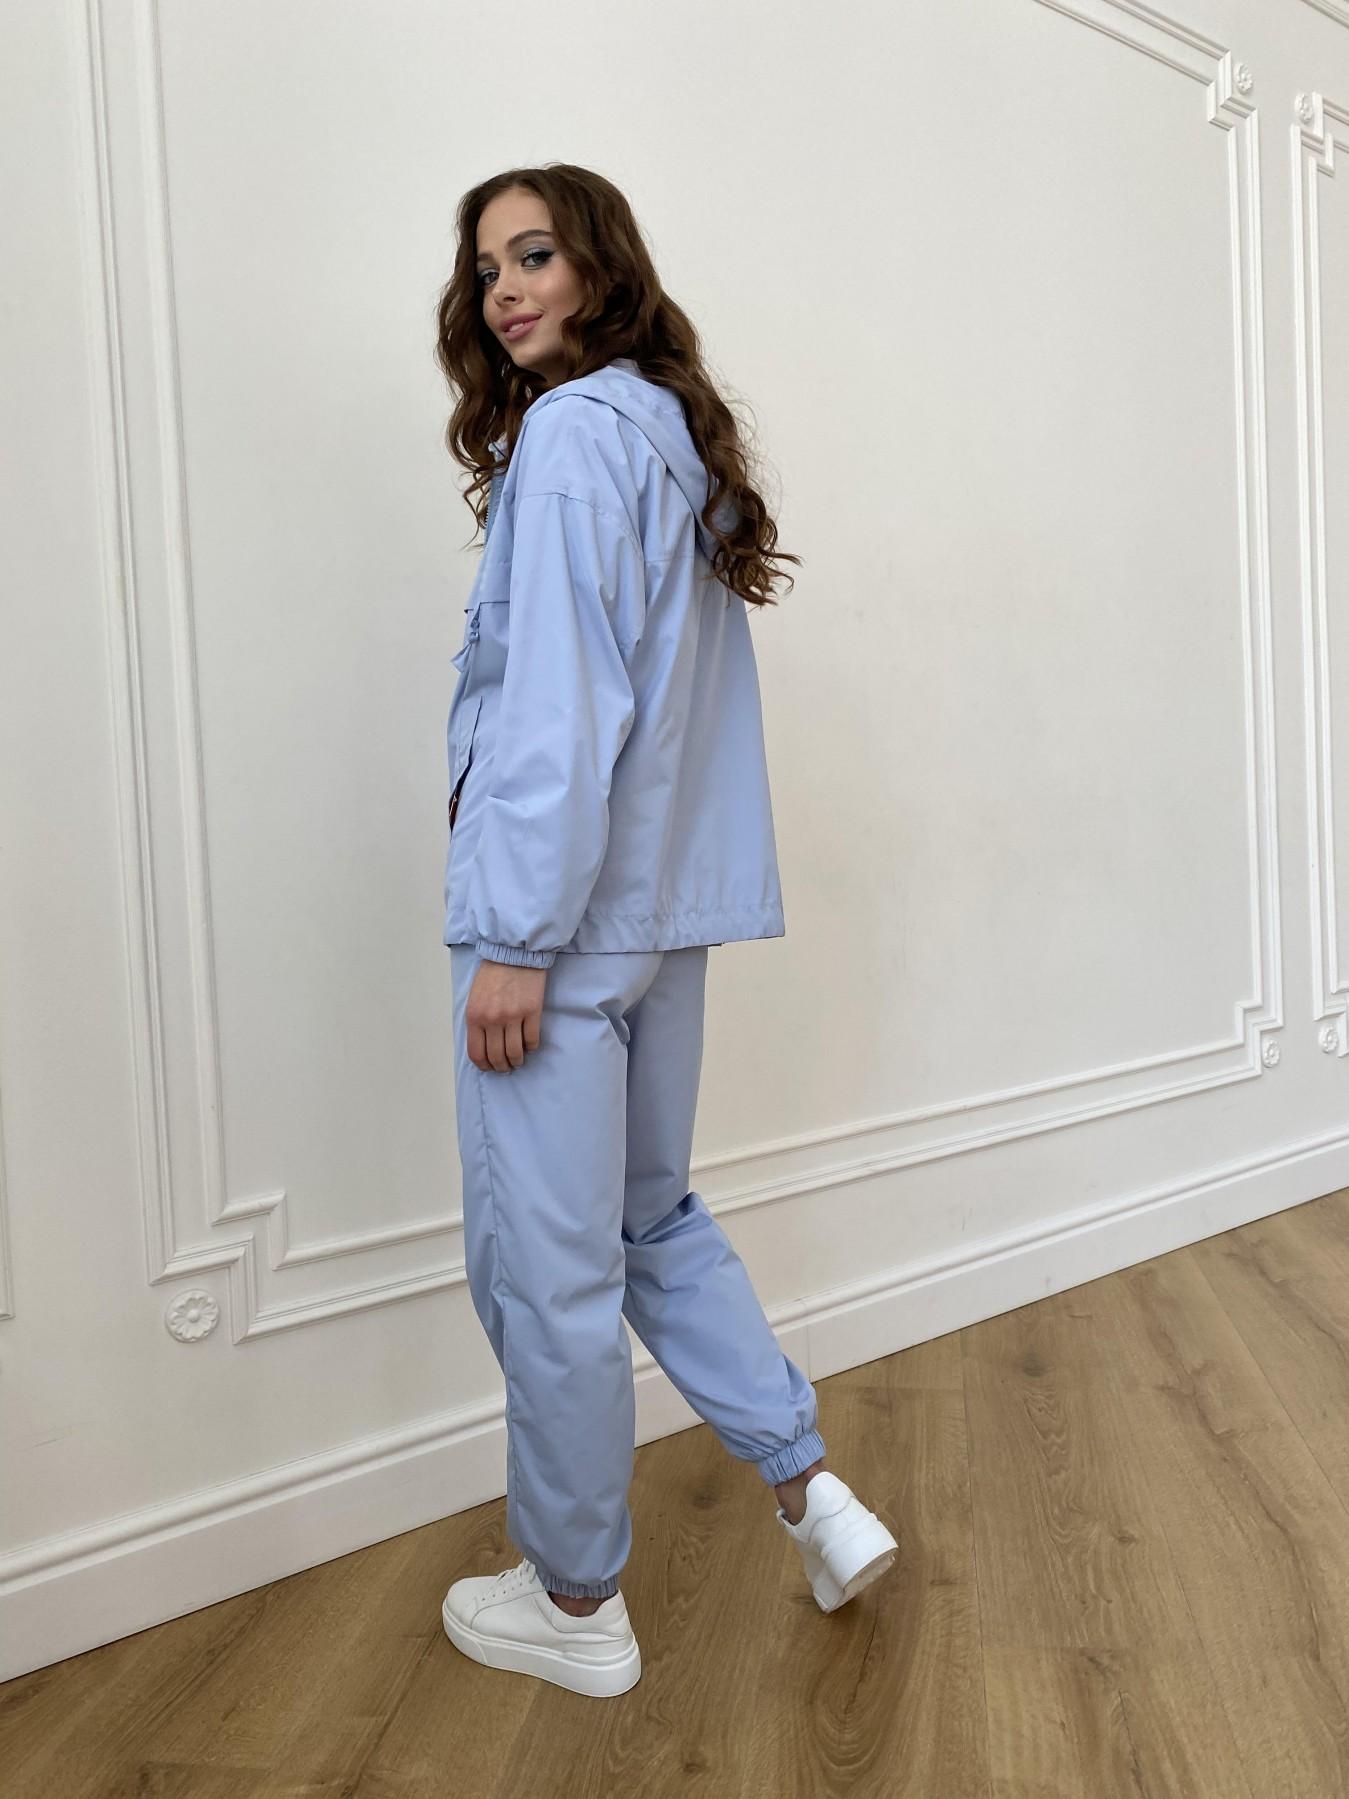 Фит костюм из плащевой ткани Ammy 11051 АРТ. 47641 Цвет: Голубой 1021 - фото 10, интернет магазин tm-modus.ru